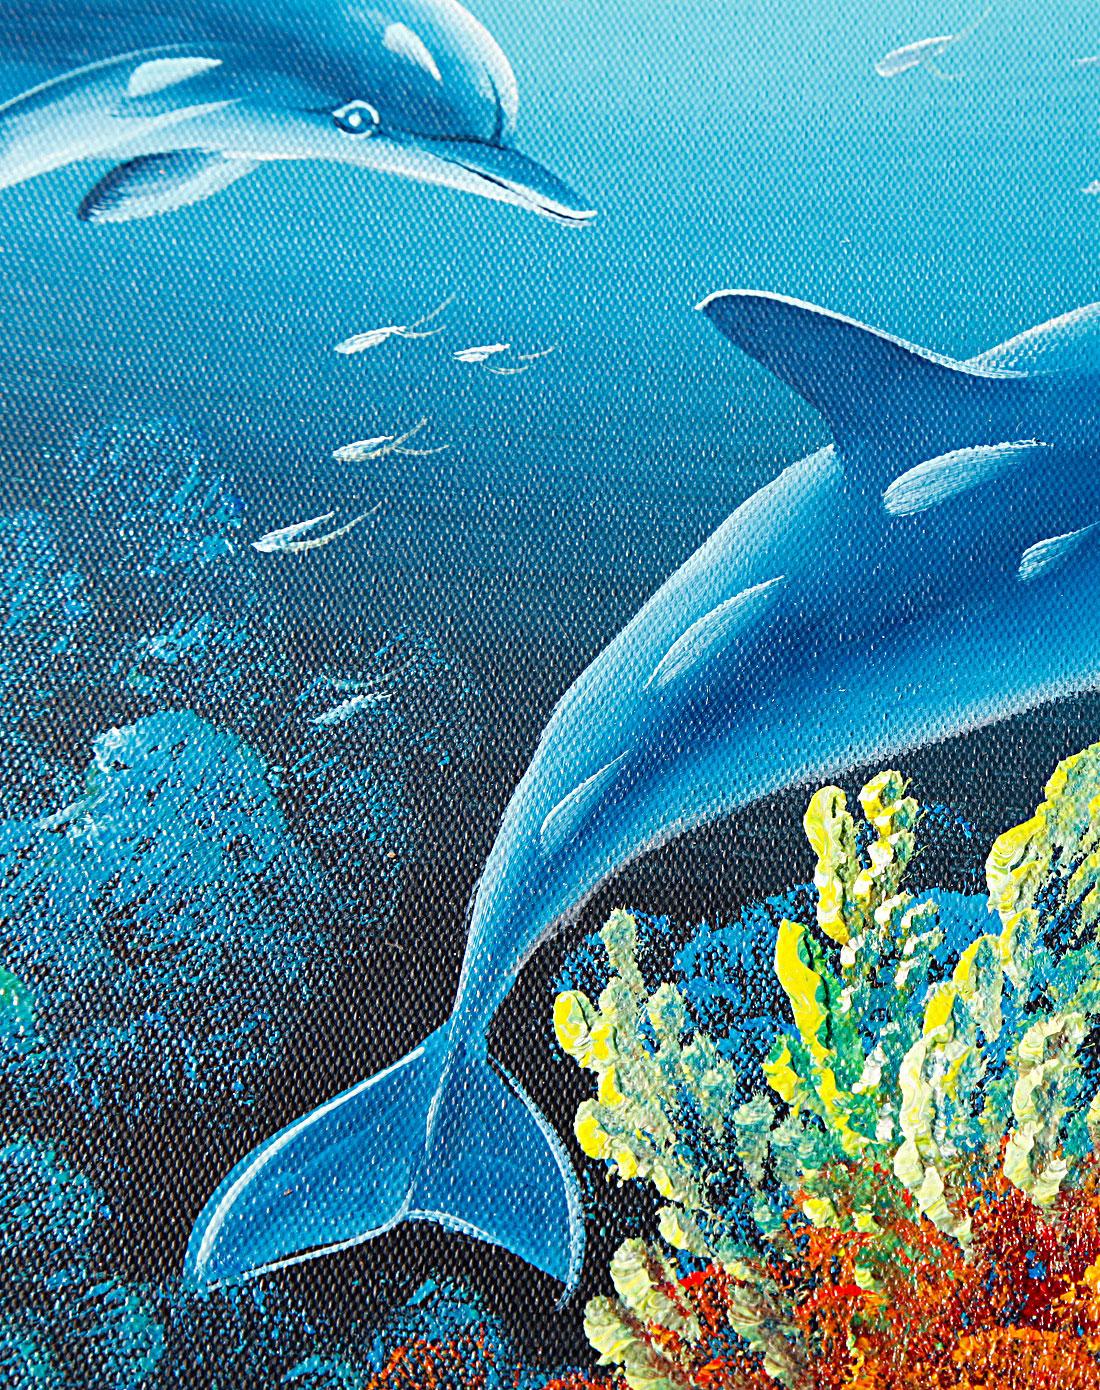 海豚-纯手绘油画(单幅)